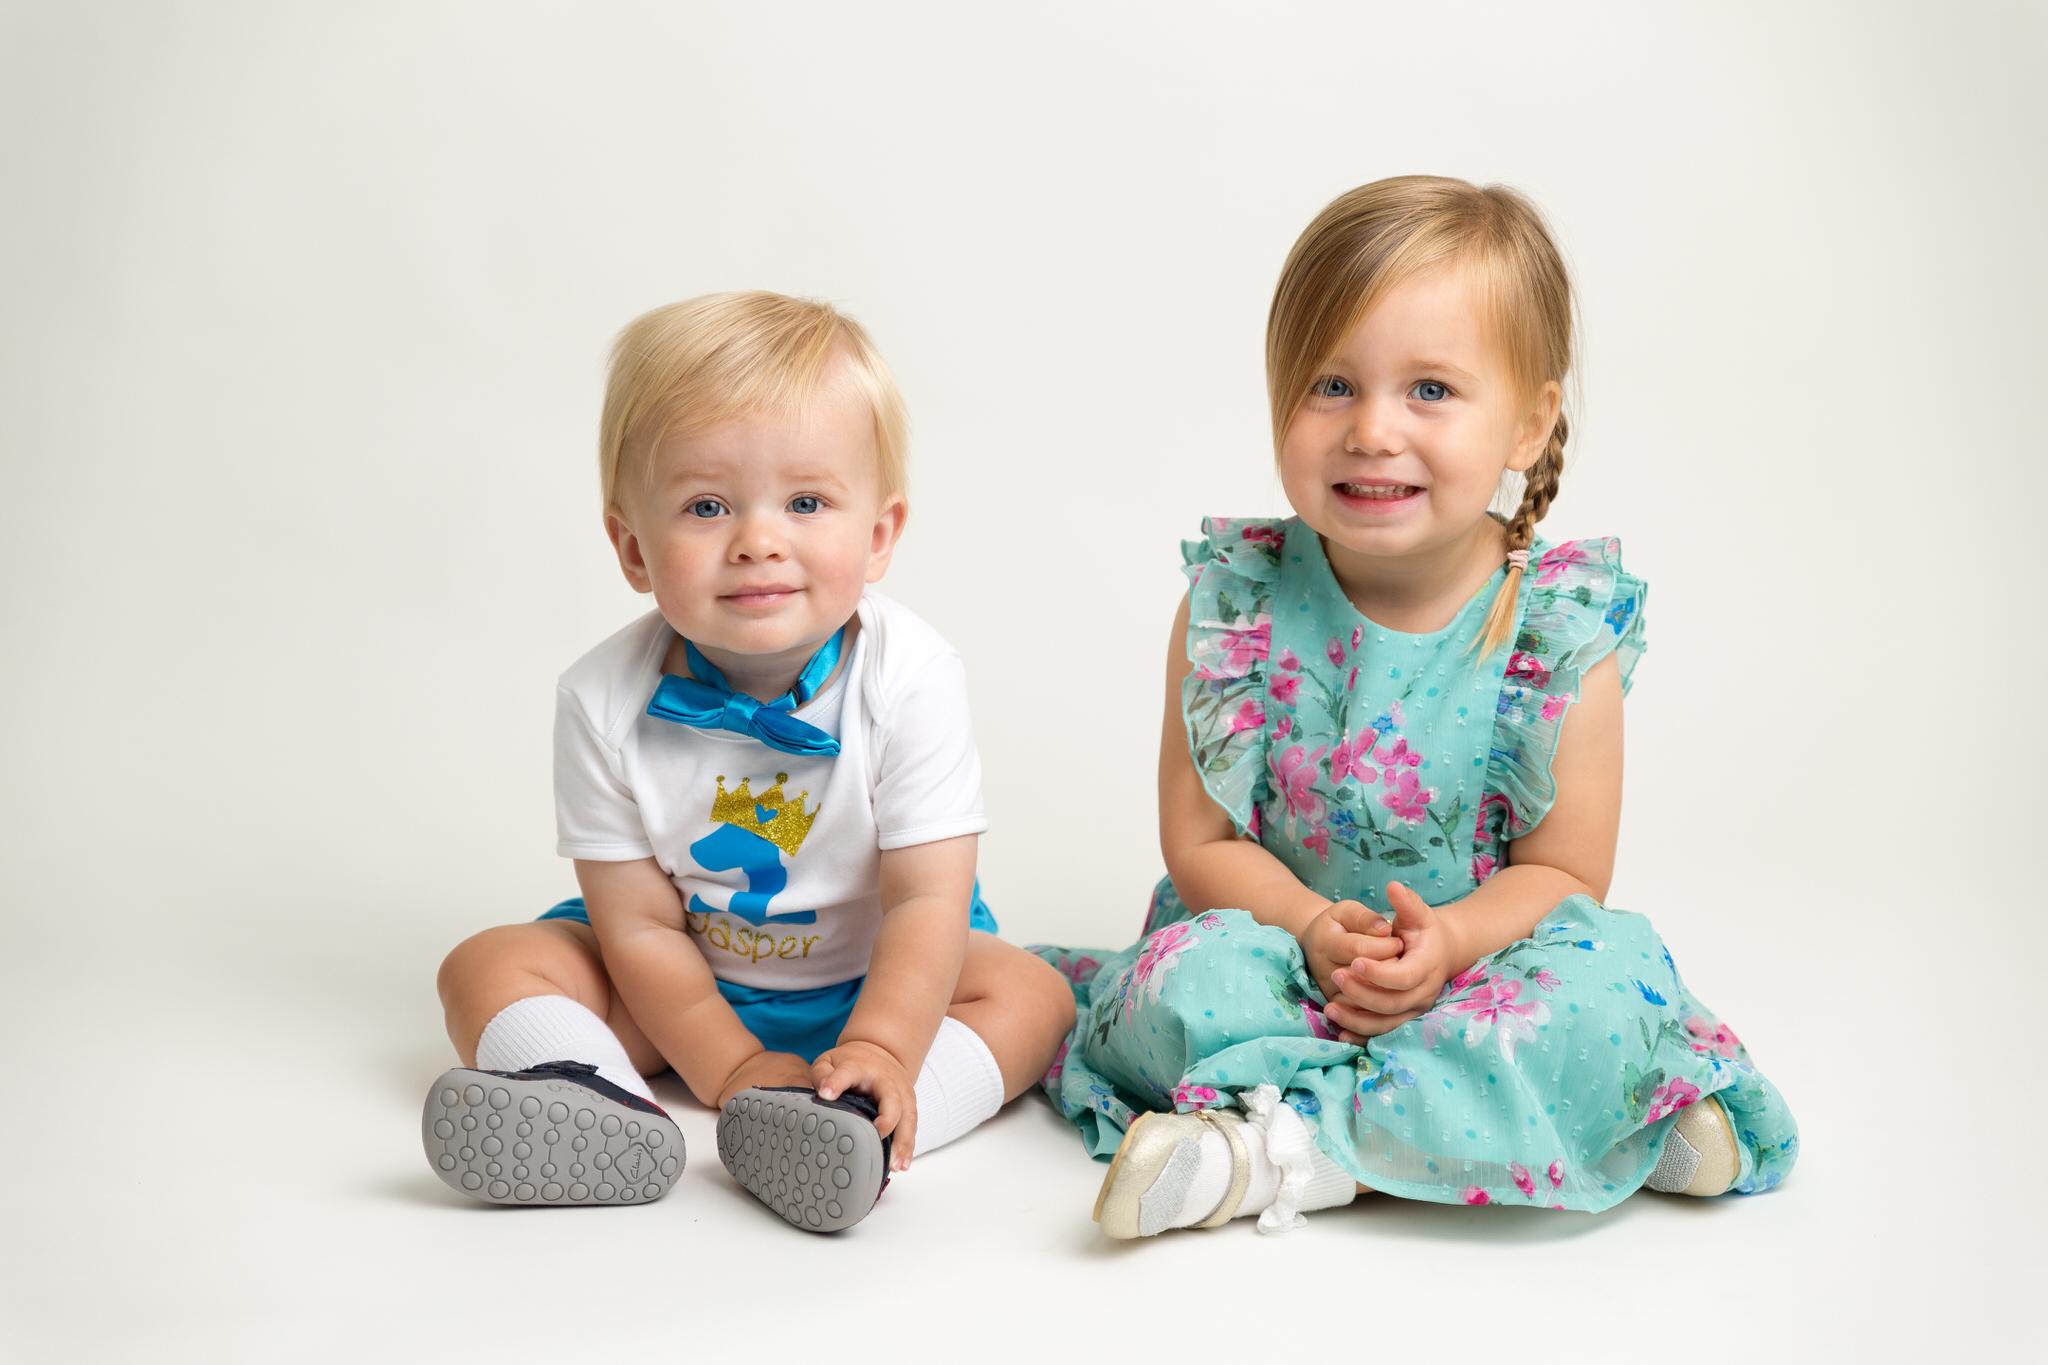 Childrens Portraits